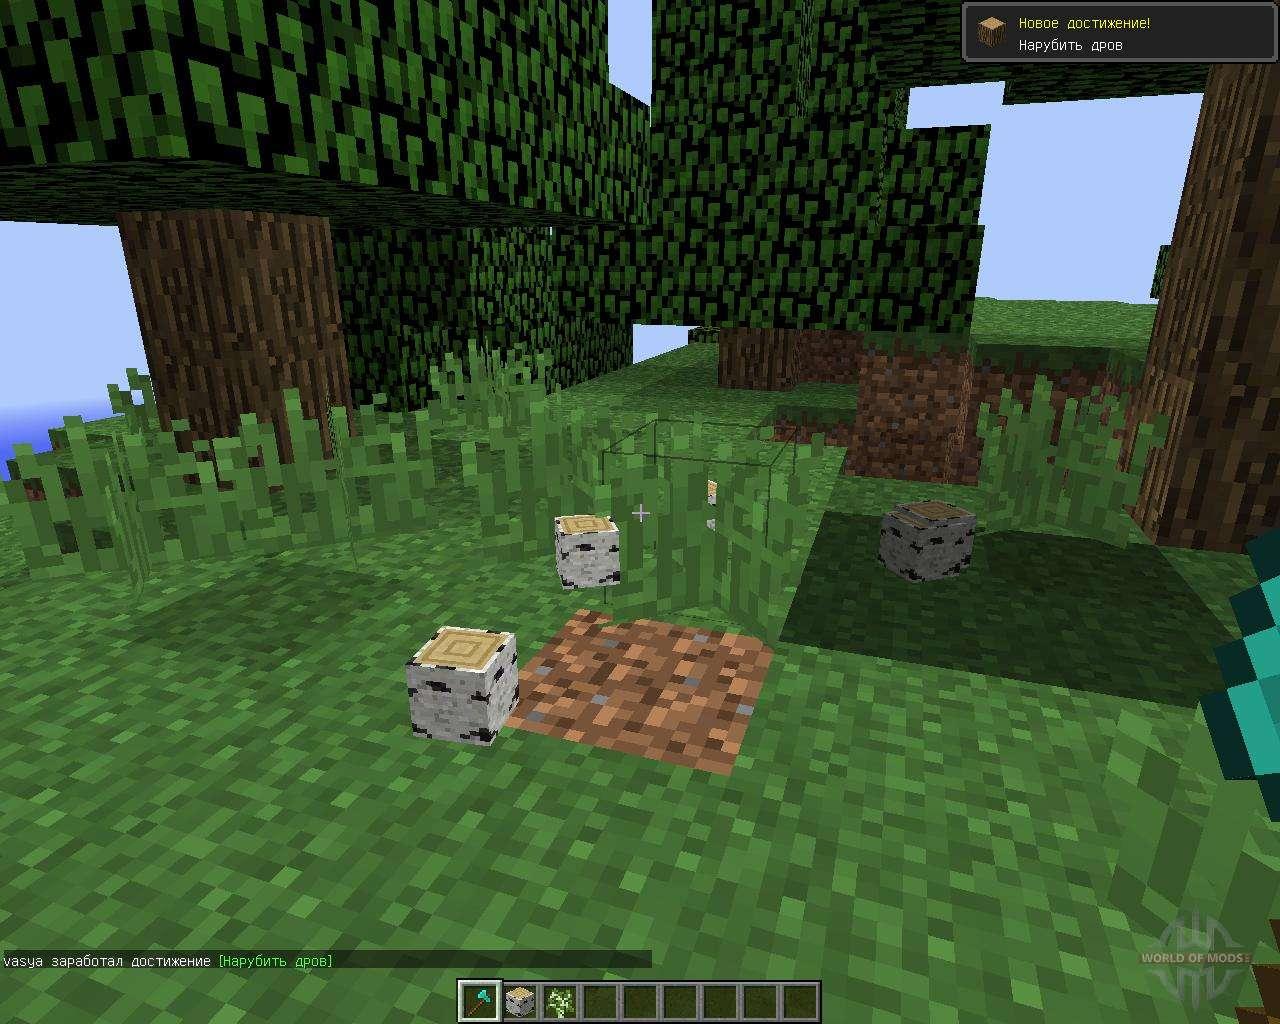 скачать мод treecapitator для minecraft 1.4.7